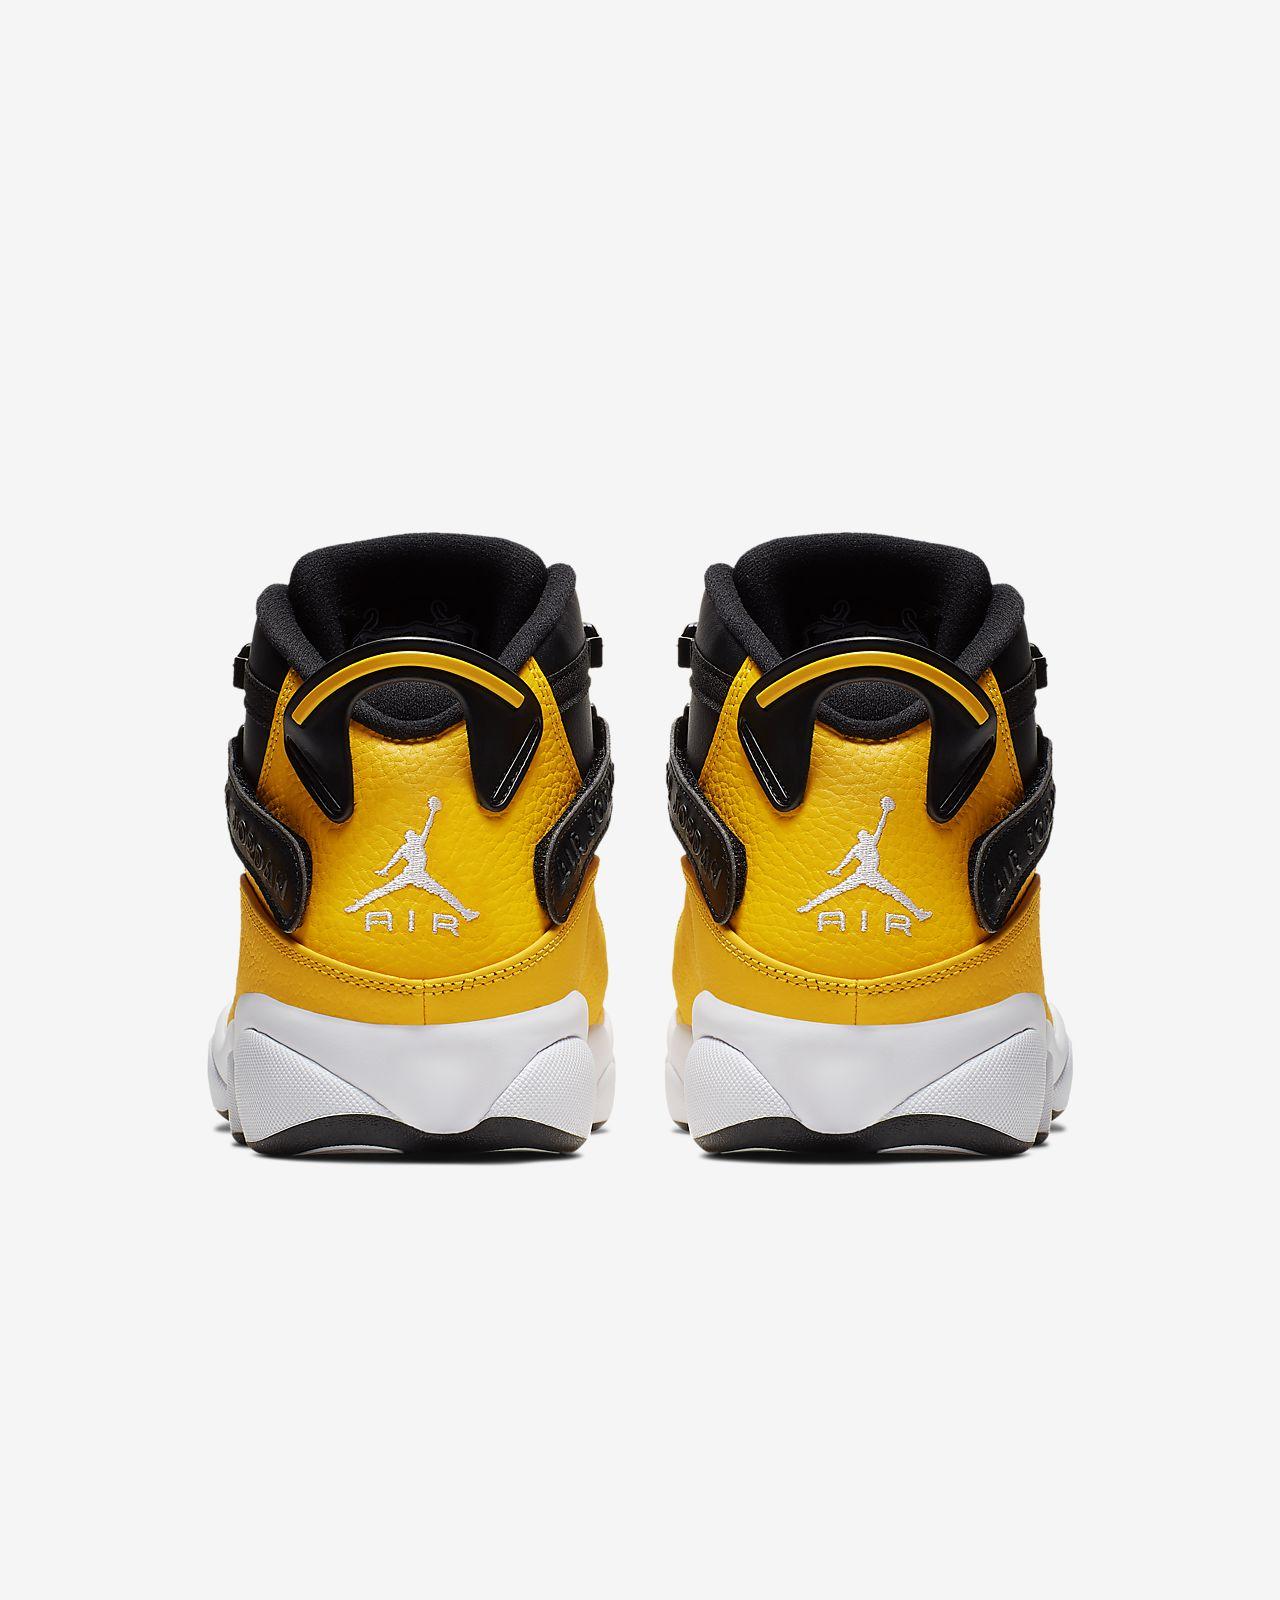 d108a1e1244d59 Jordan 6 Rings Men s Shoe. Nike.com GB